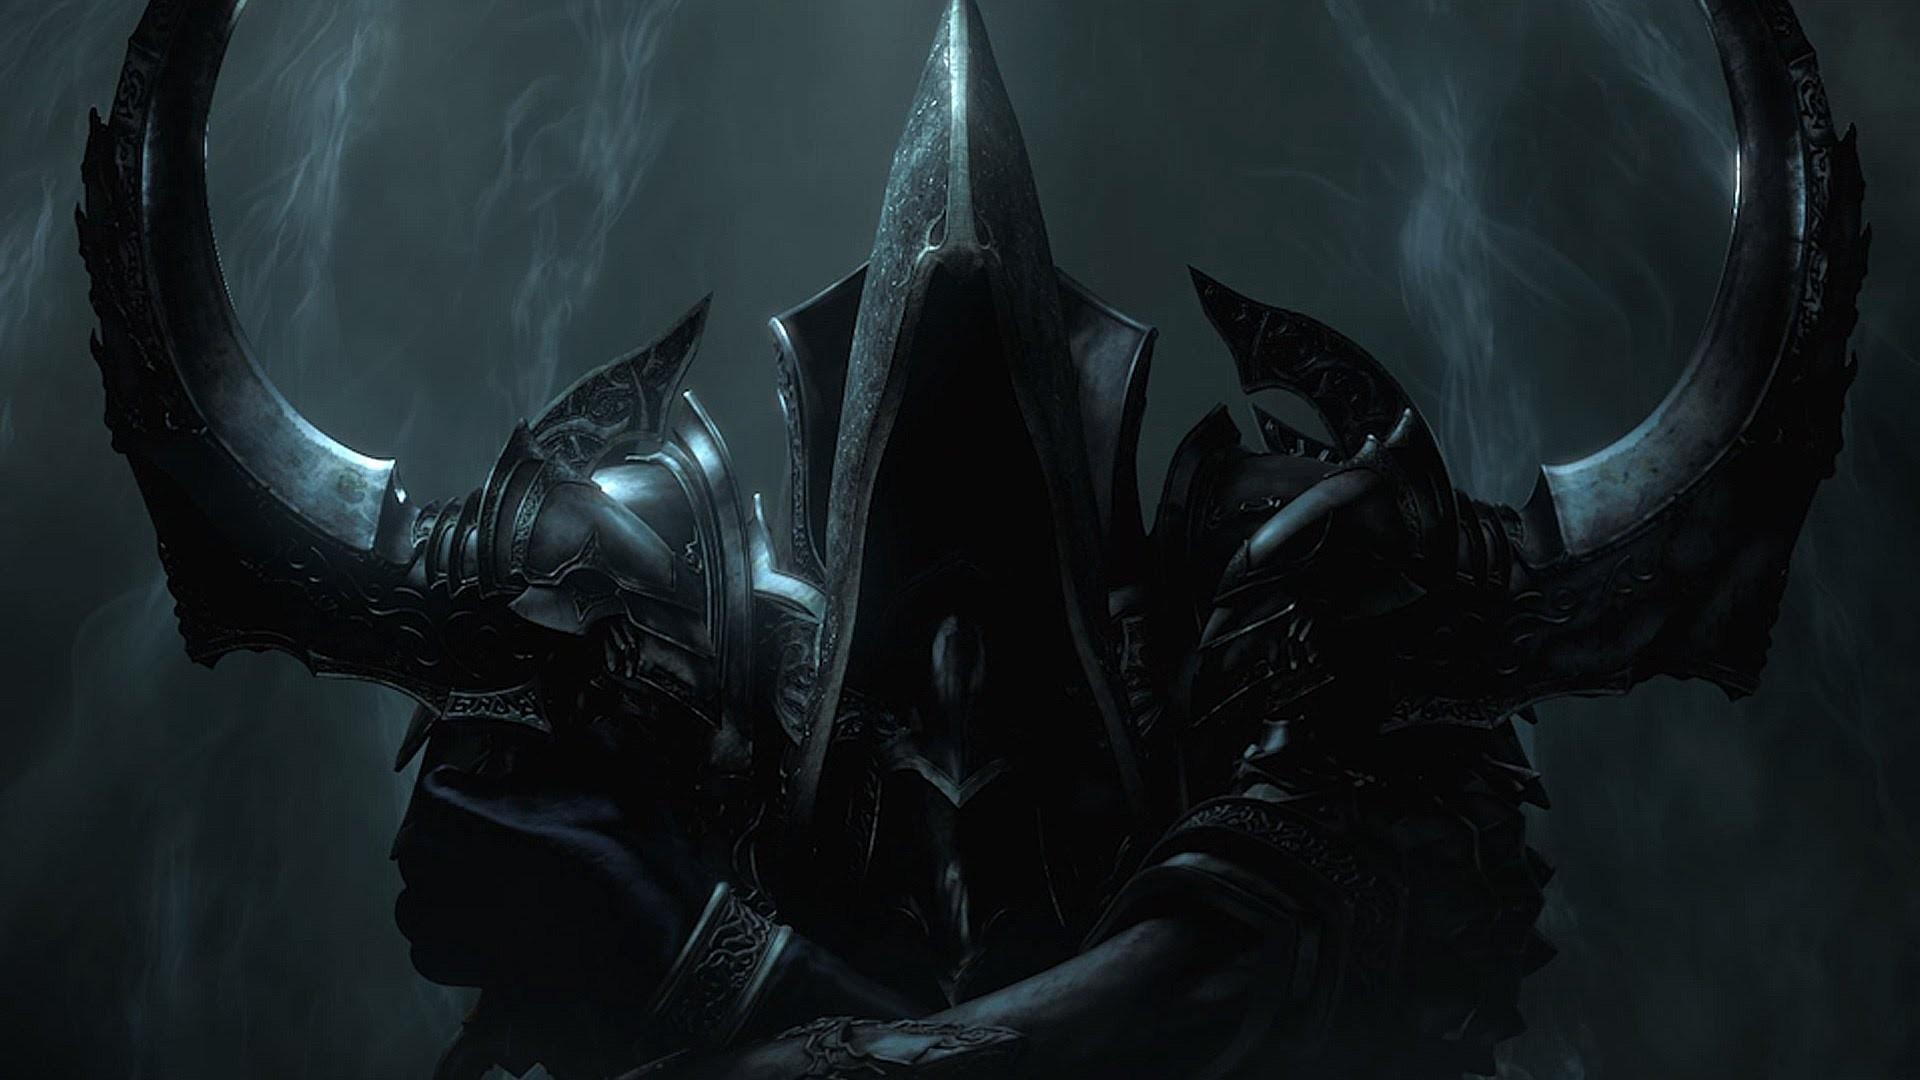 Diablo III Diablo 3 Reaper of Souls darkness screenshot 1920x1080 px computer wallpaper fictional character